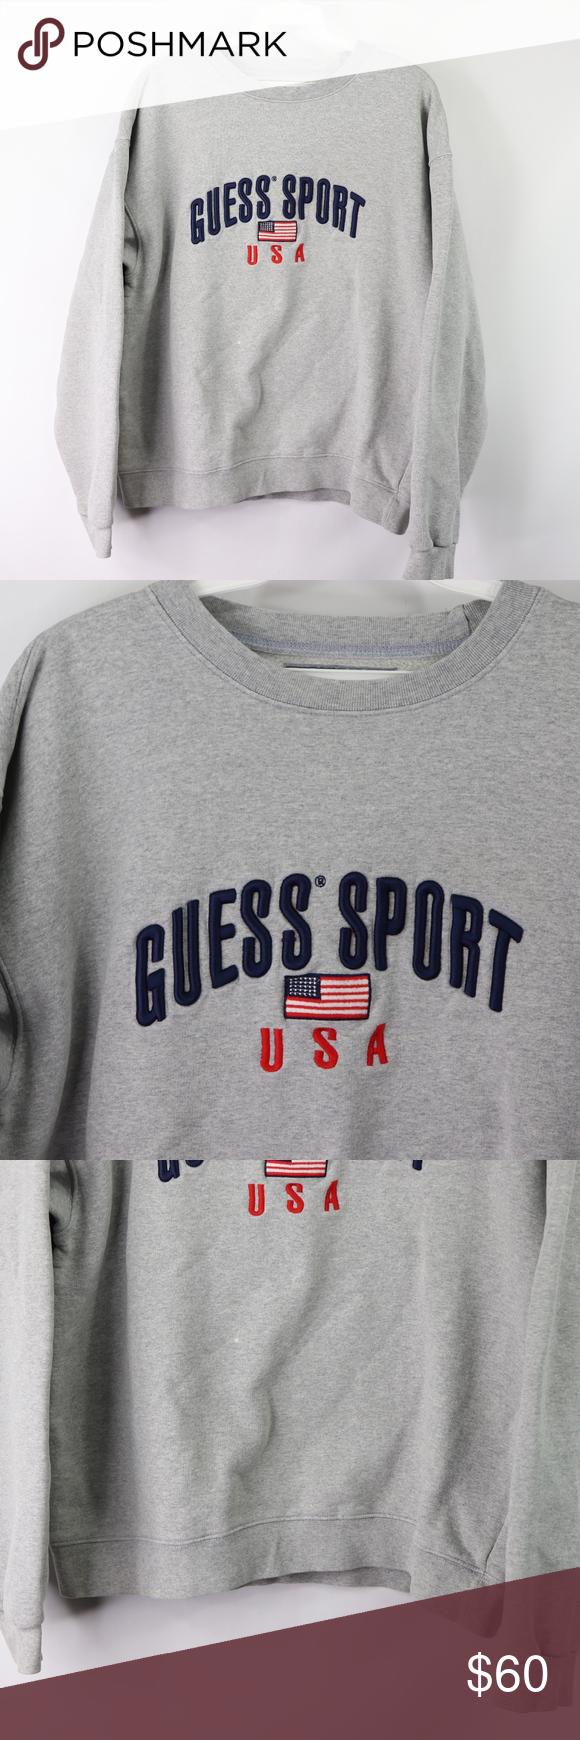 Guess Sport Mens Medium Usa Flag Crewneck Sweater Vintage 90s Guess Sport Flag Spell Out Crewneck Sweatshirt Crew Neck Sweater Crew Neck Sweatshirt Sweatshirts [ 1740 x 580 Pixel ]